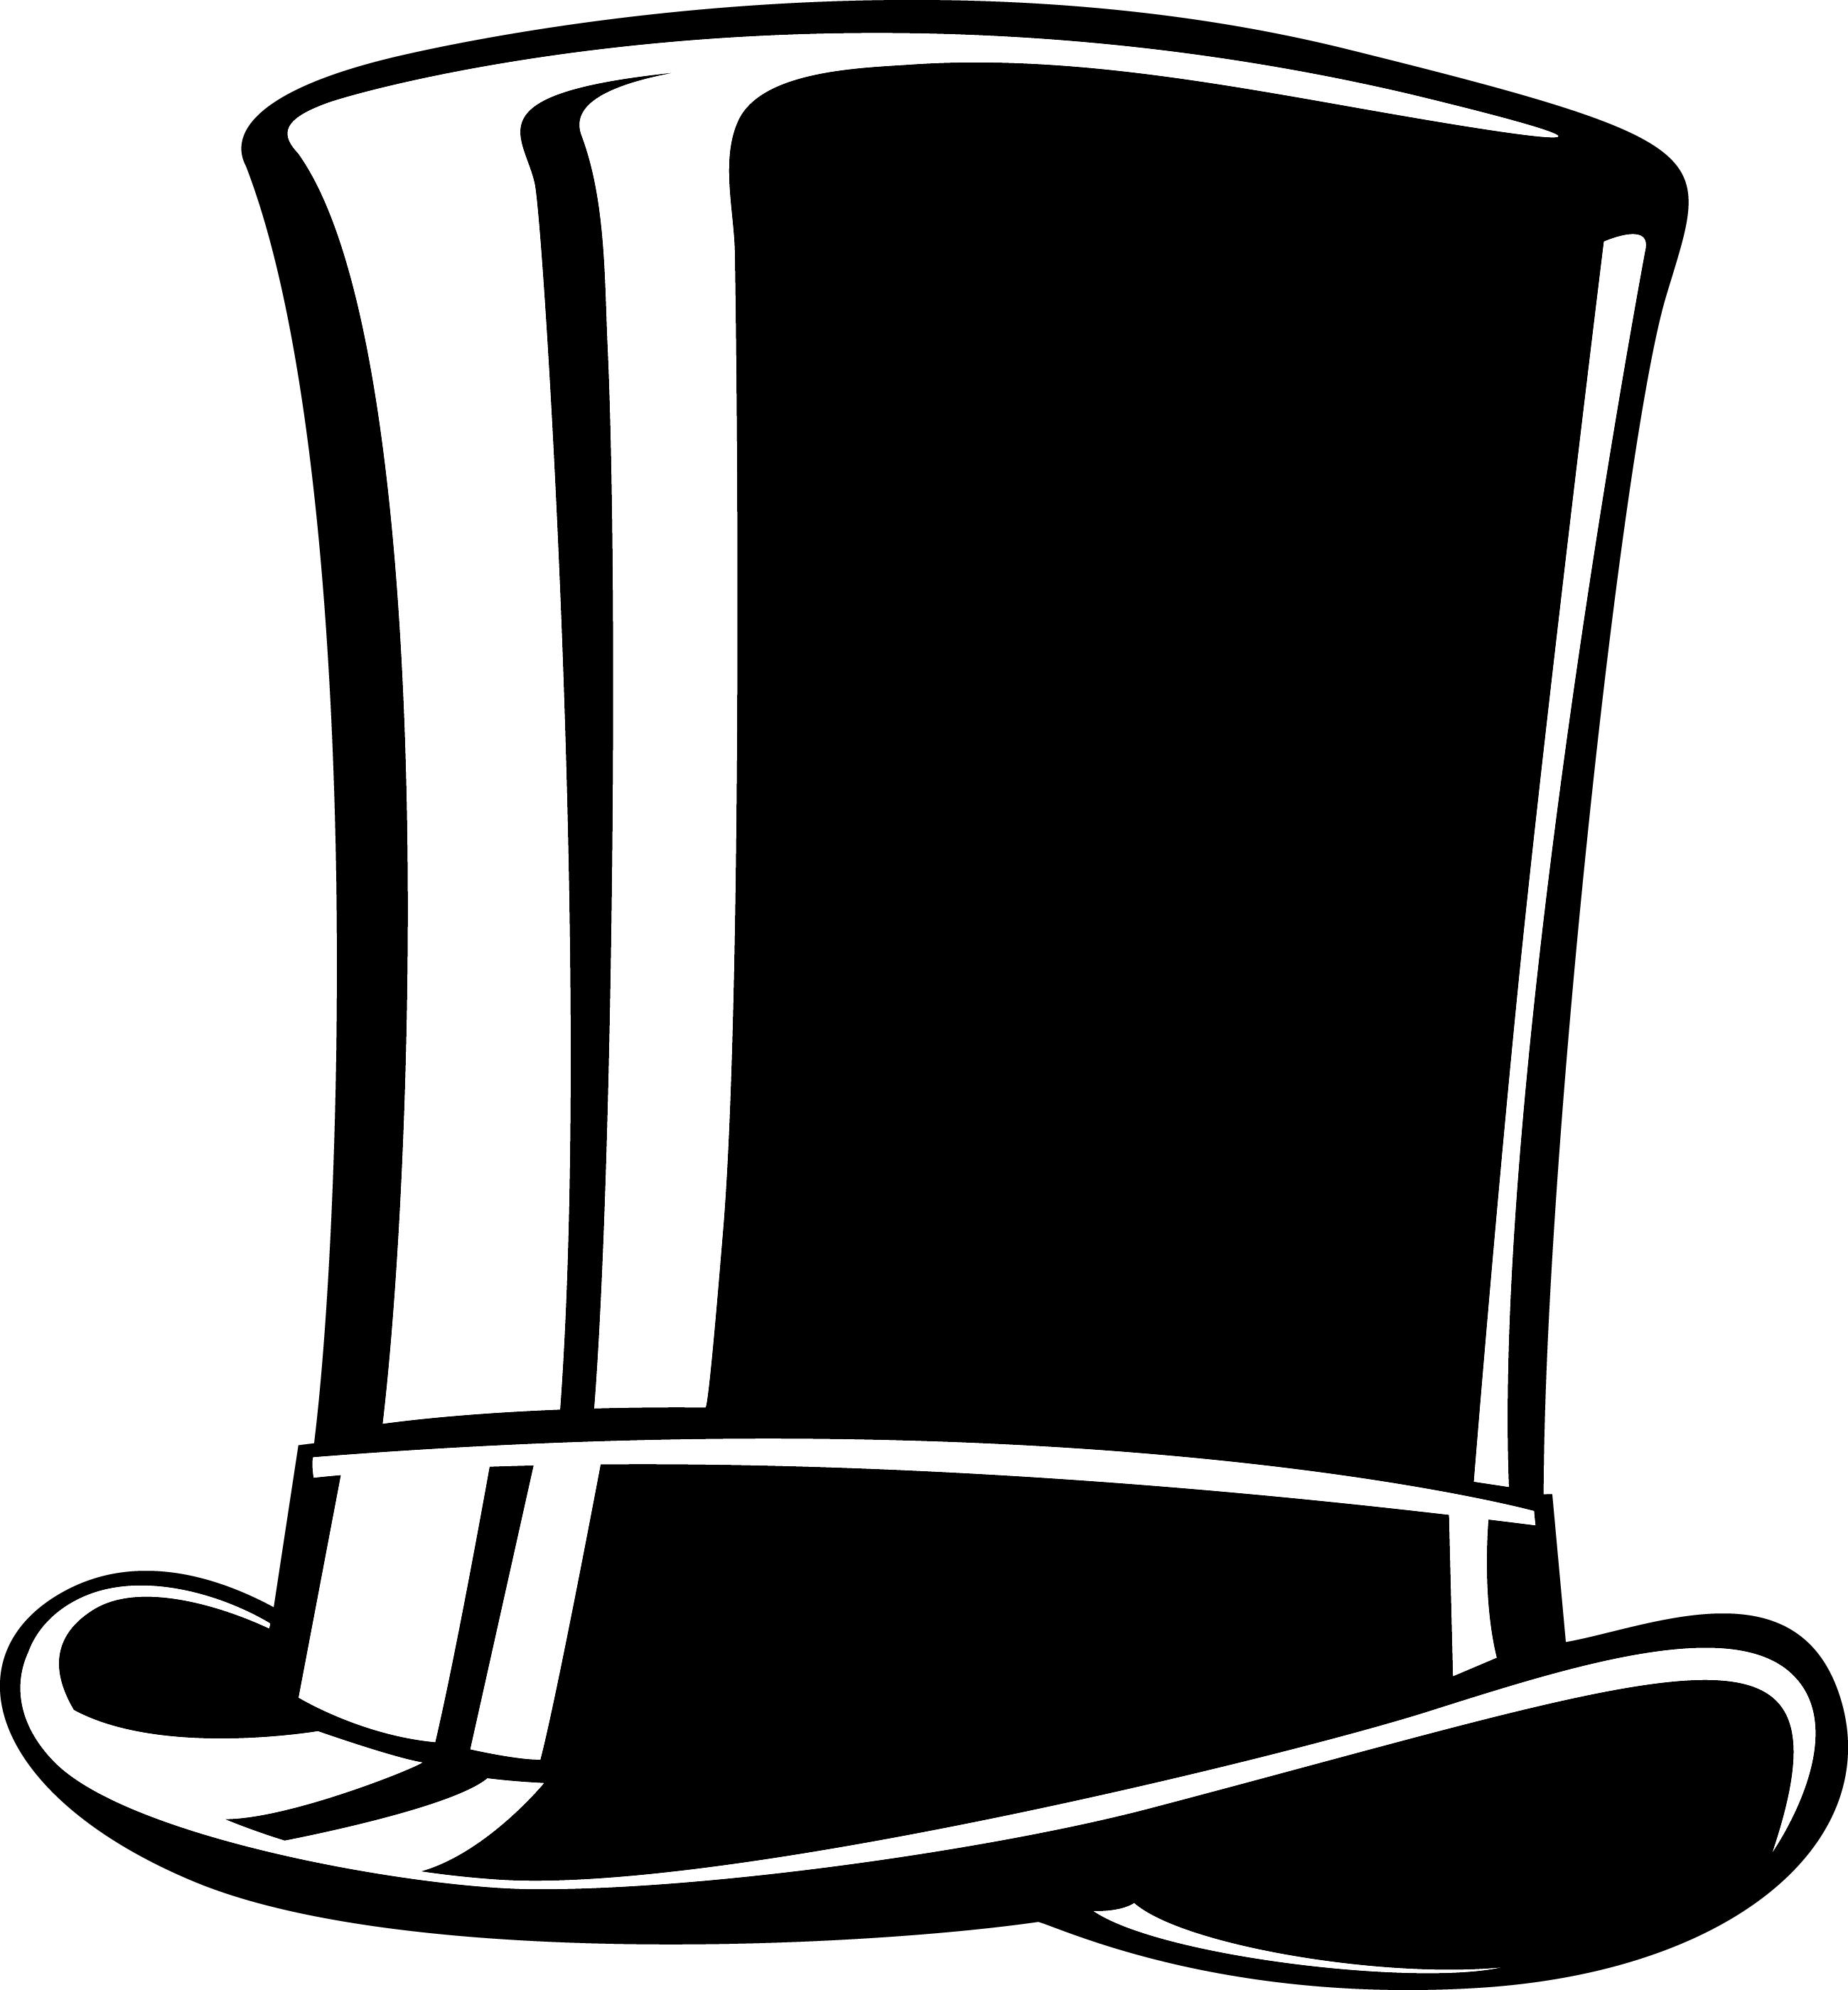 Top Hat Clipart & Top Hat Clip Art Images.